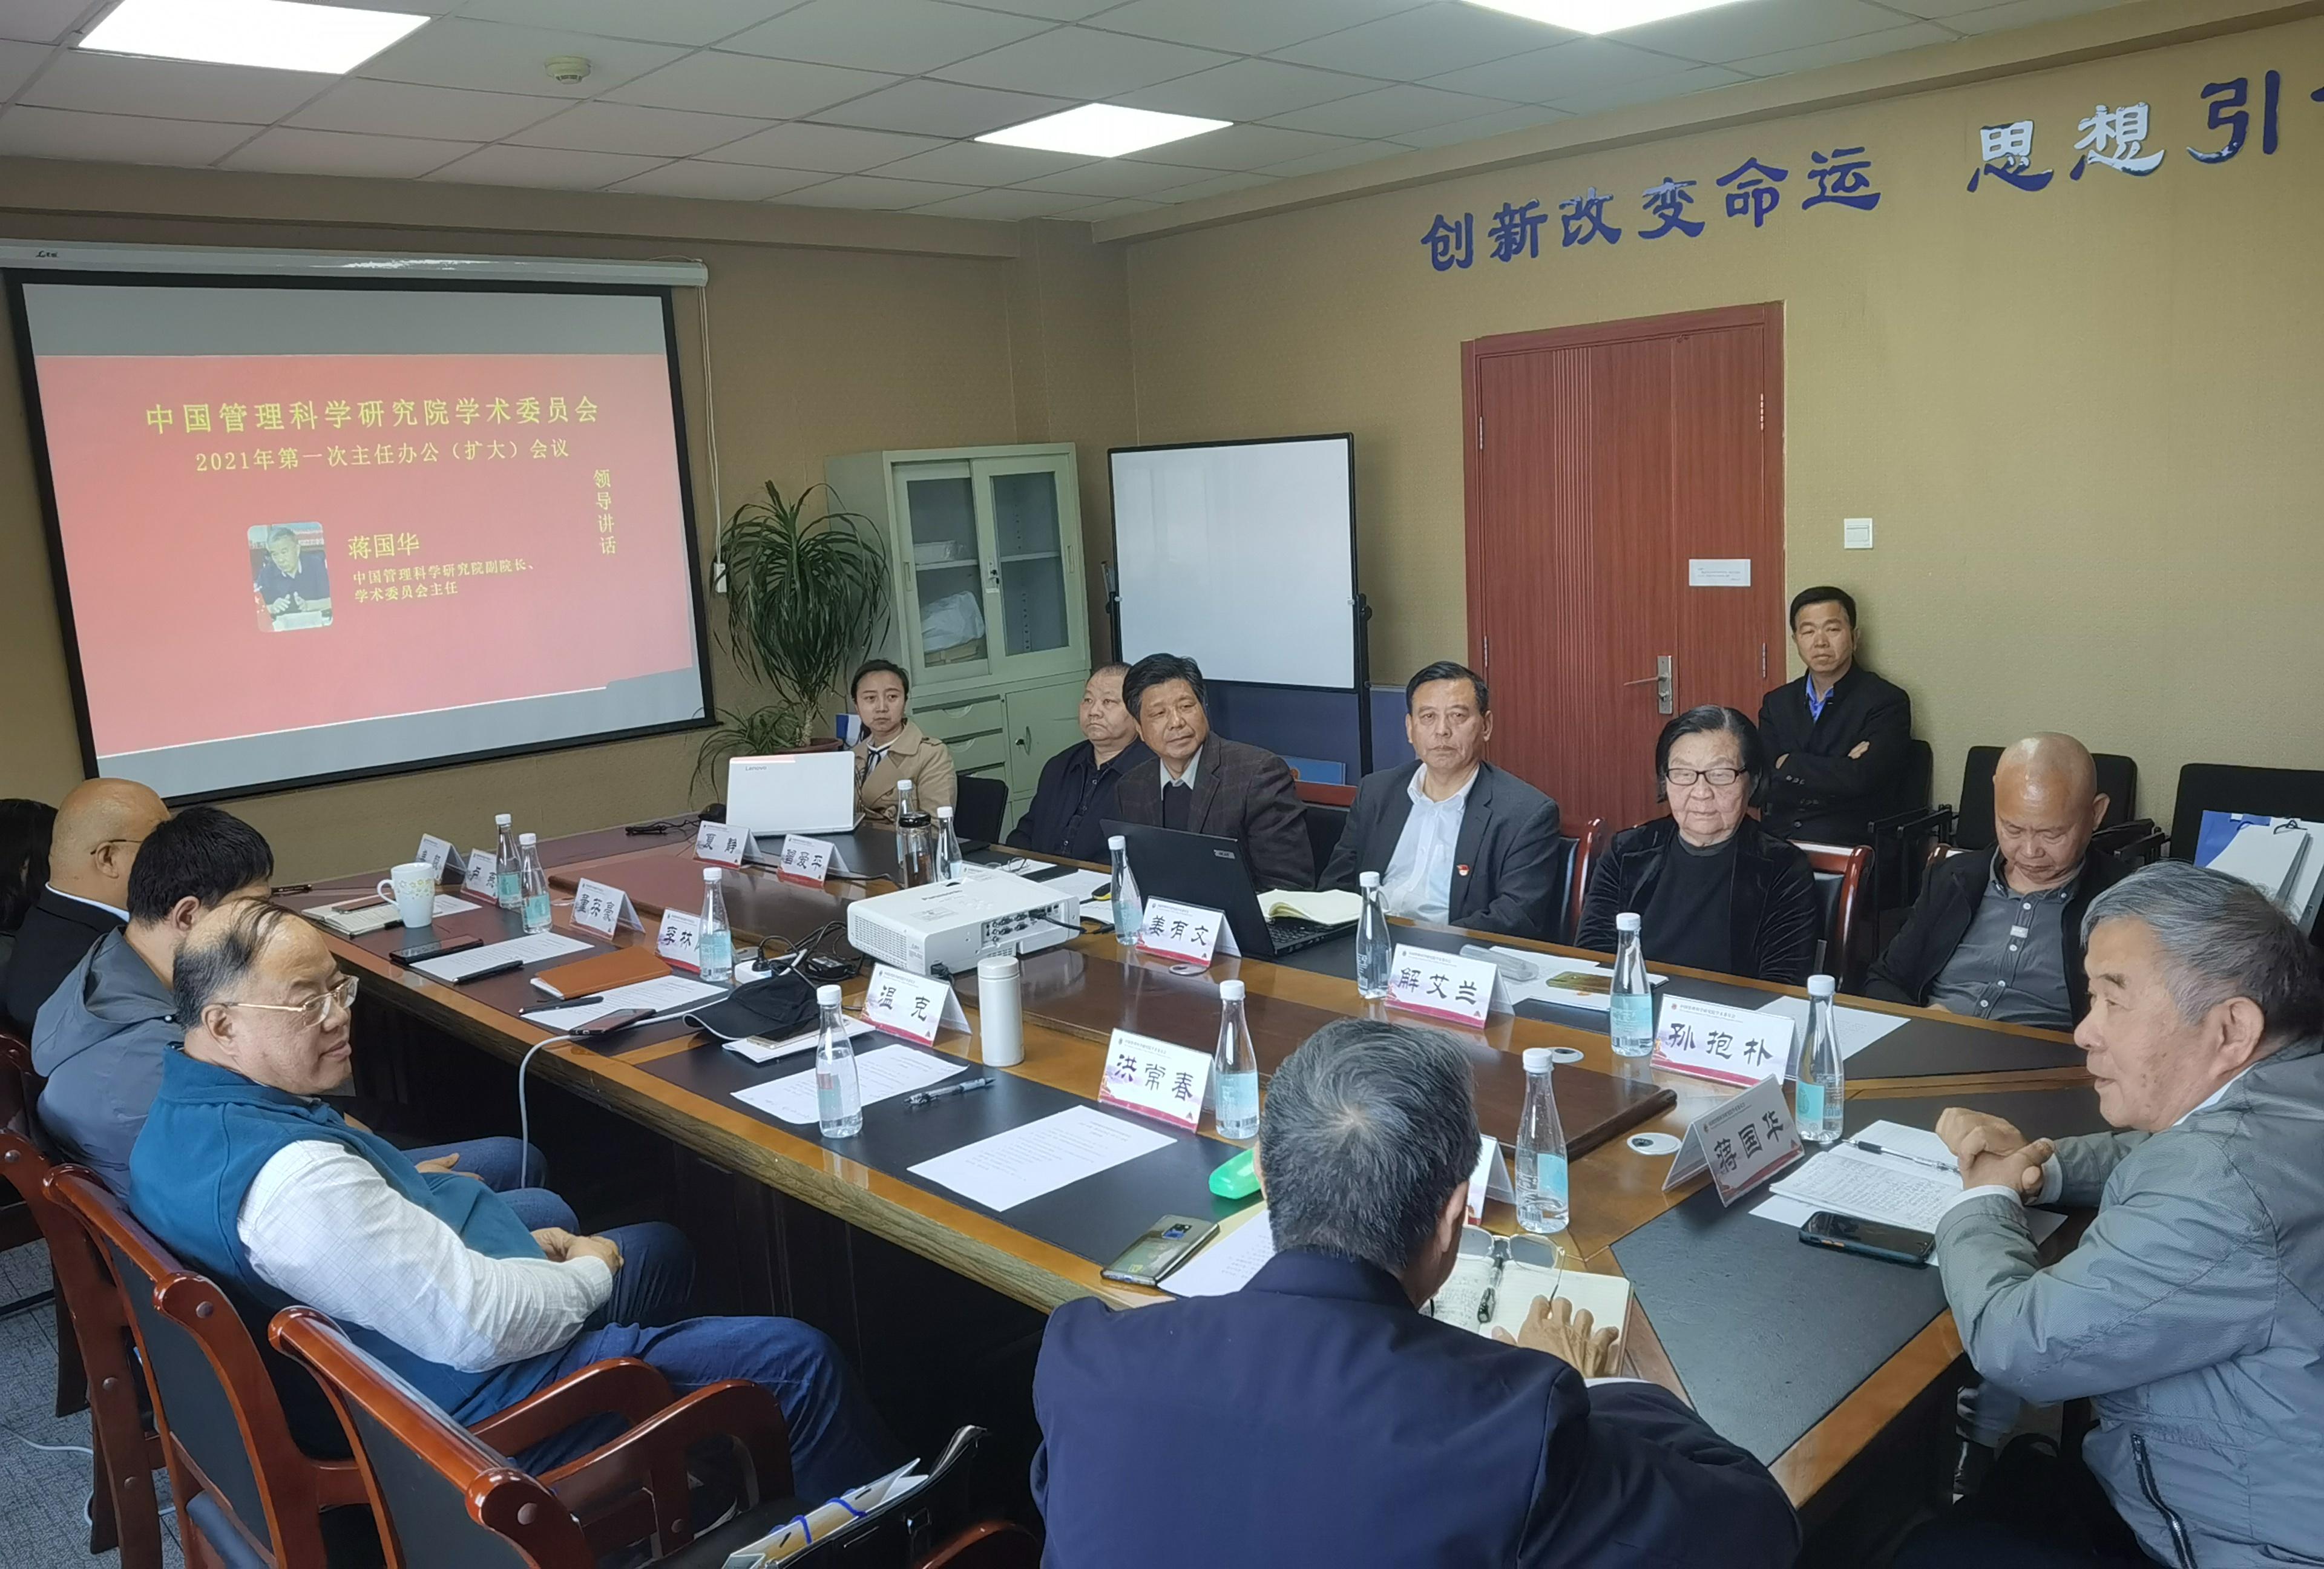 蒋国华教授当选为中国管理科学研究院学术委员会主任